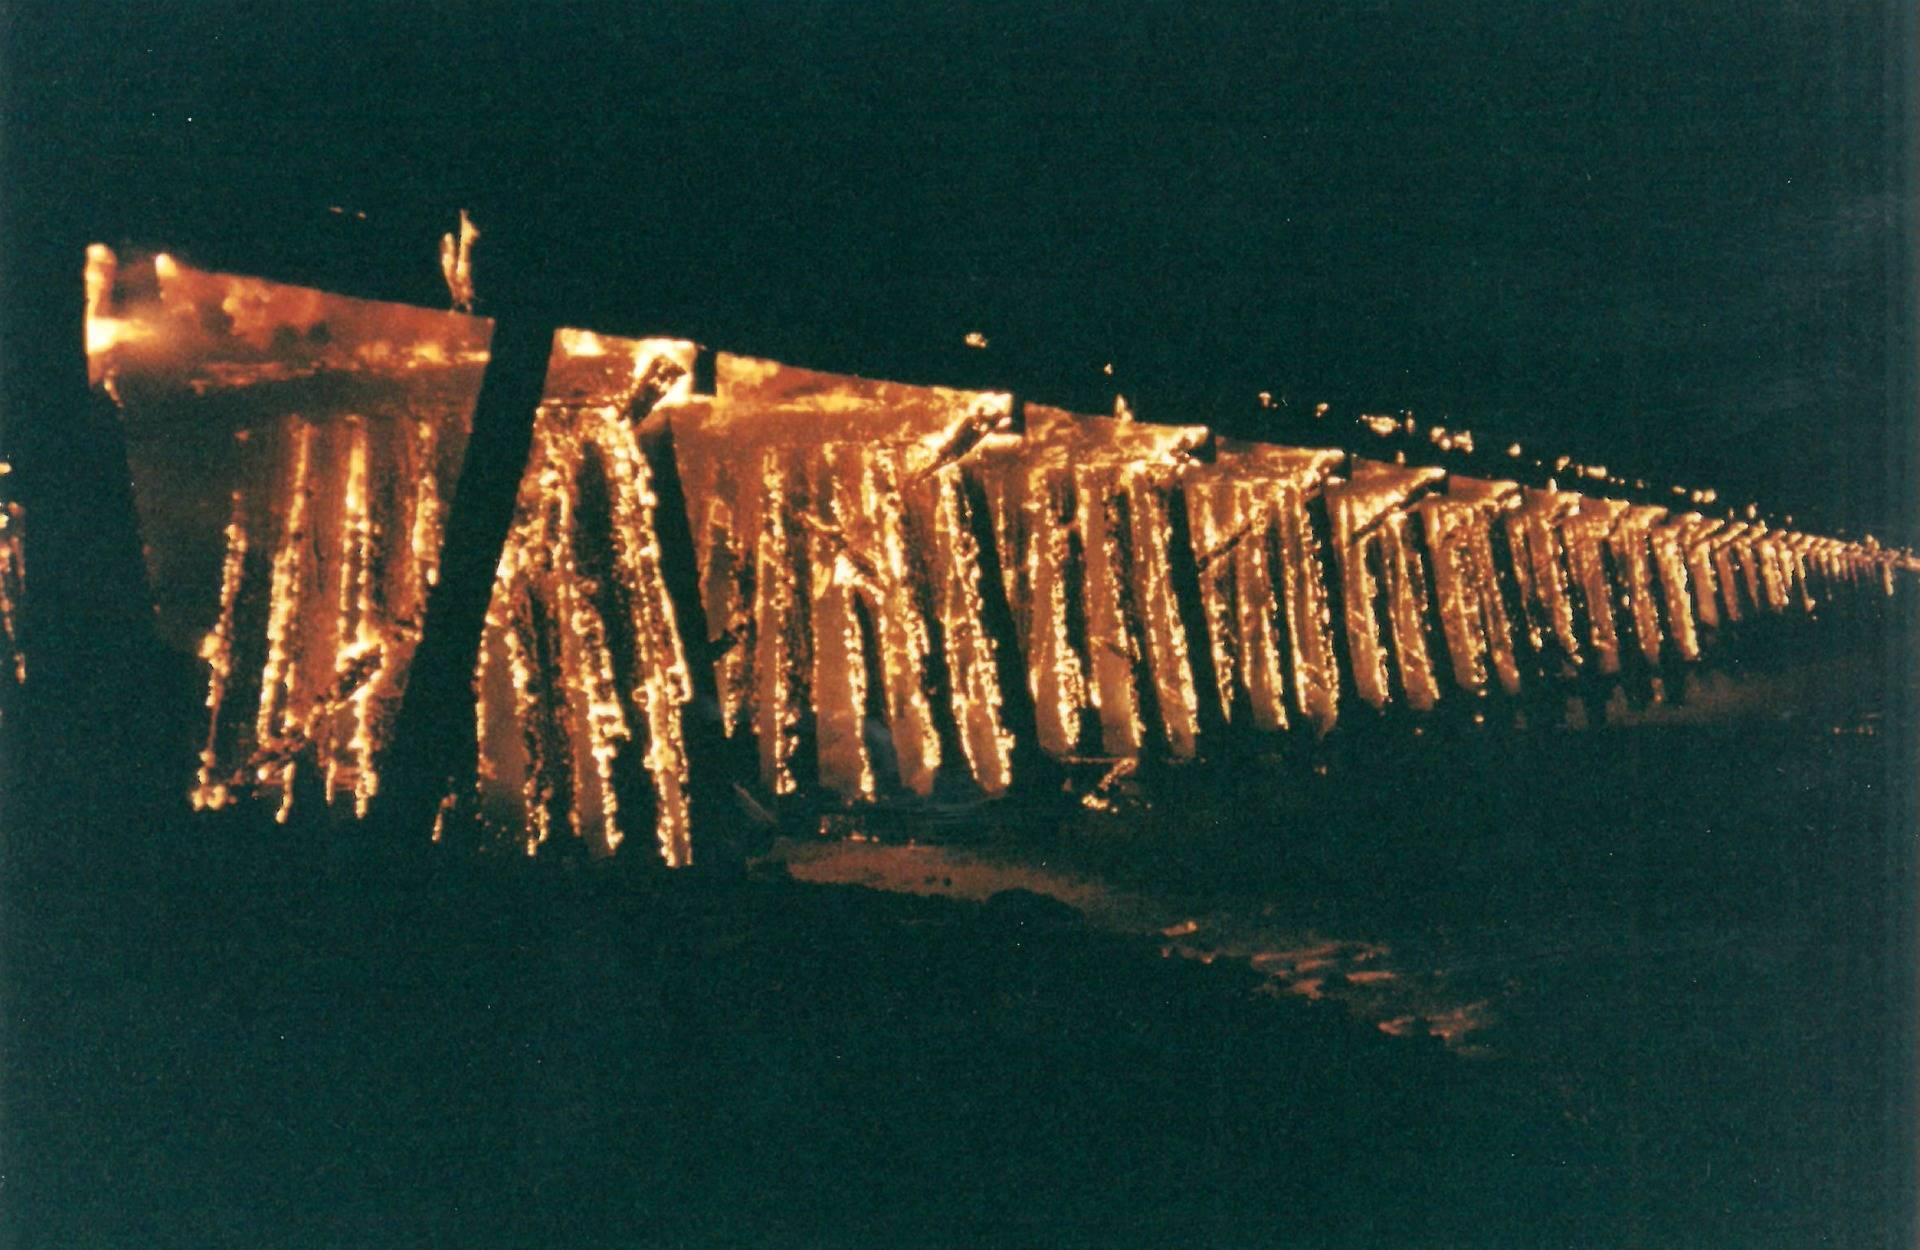 The Dumbarton Rail Bridge trestle on fire on Jan. 3, 1998. Ben Cheng/Menlo Park Fire District